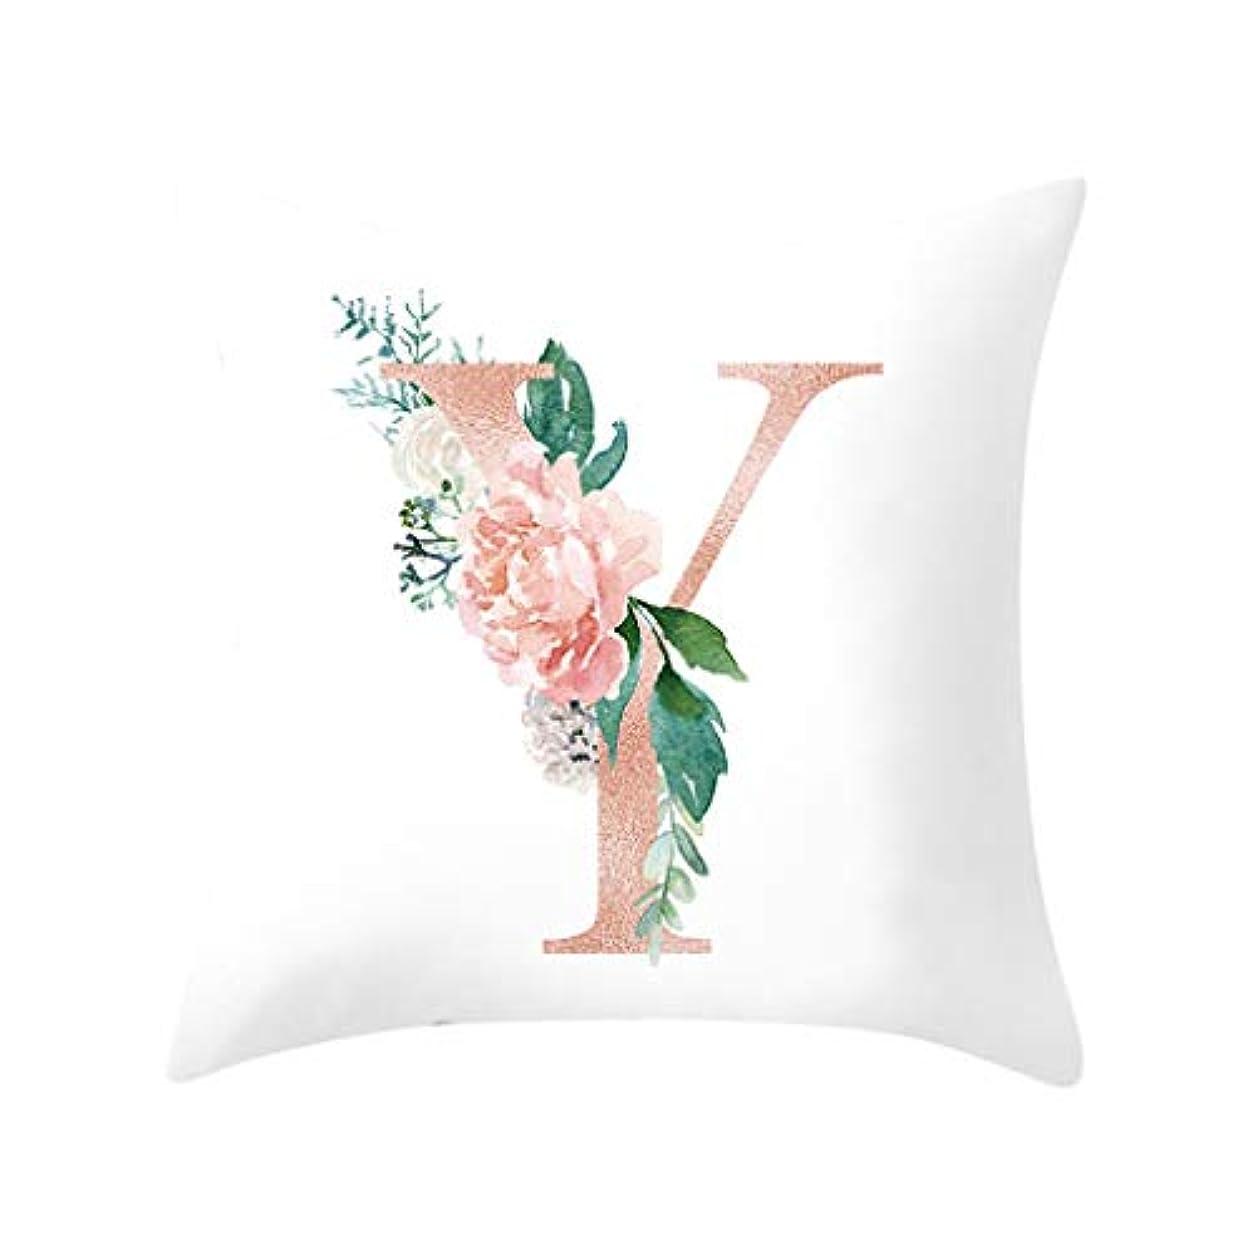 彼は素晴らしいです作者LIFE 装飾クッションソファ手紙枕アルファベットクッション印刷ソファ家の装飾の花枕 coussin decoratif クッション 椅子